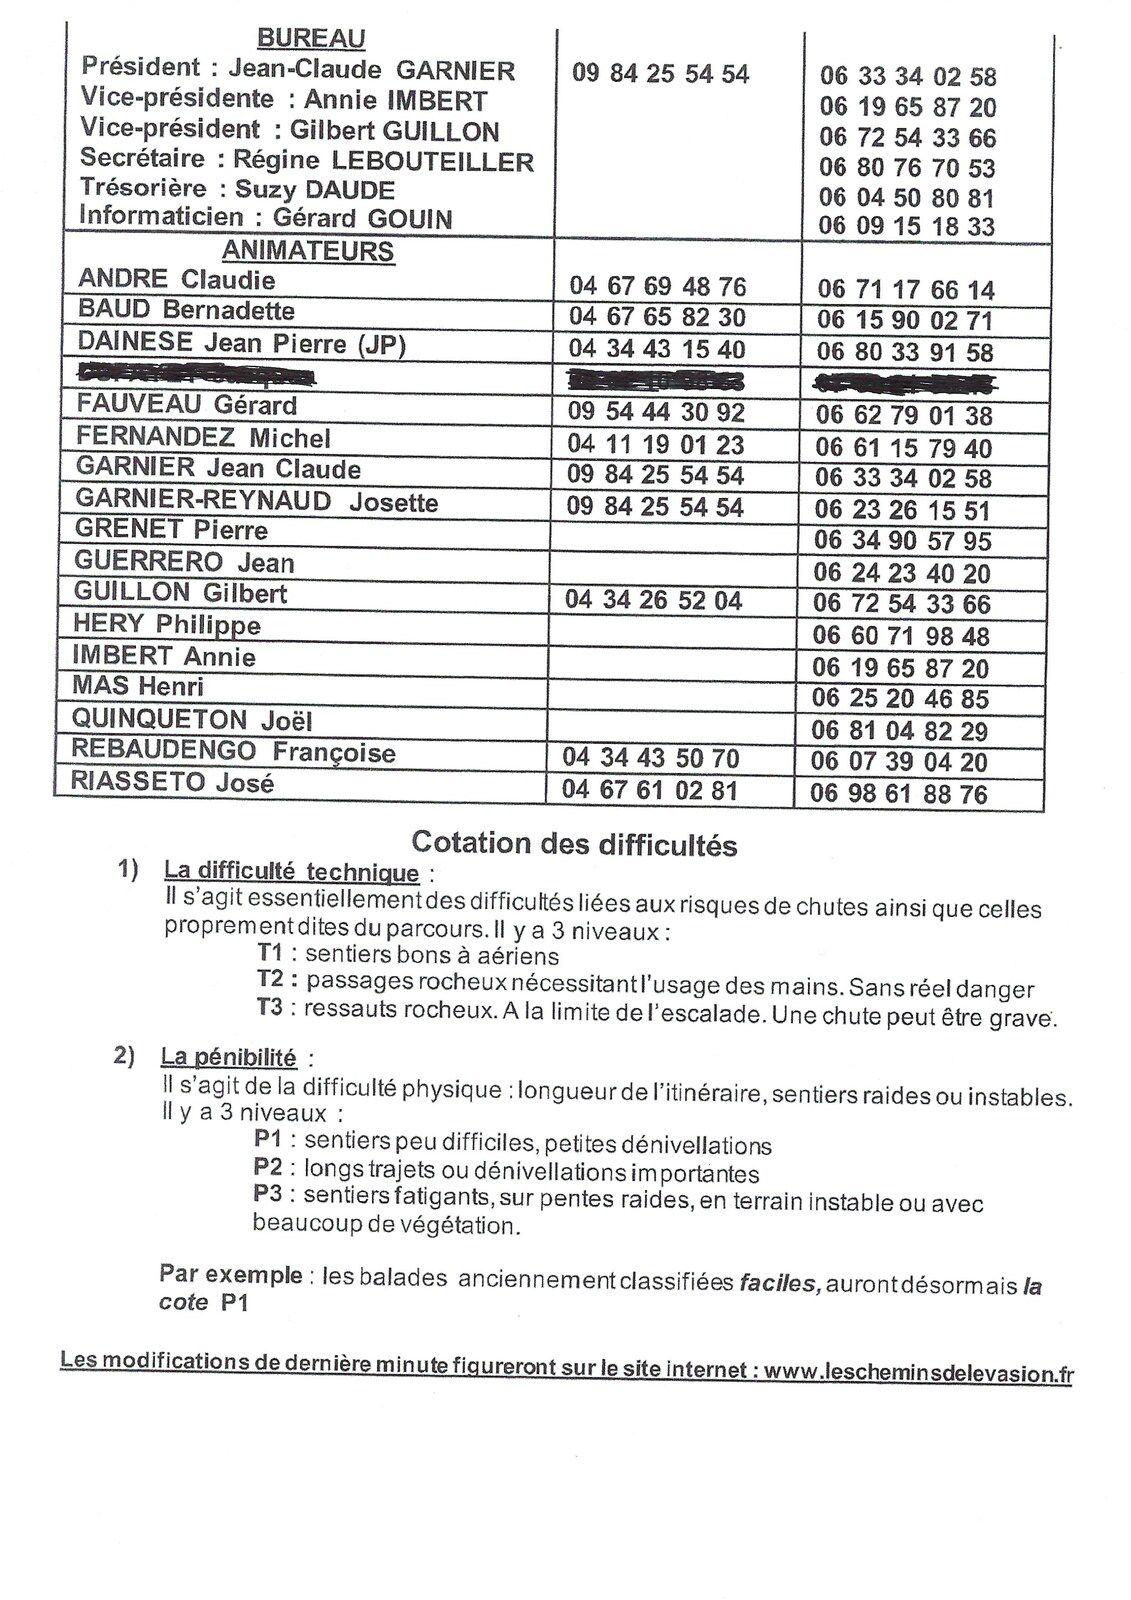 MOIS DE MAI. REPRISE DES ACTIVITES DES CHEMINS DE L'EVASION.